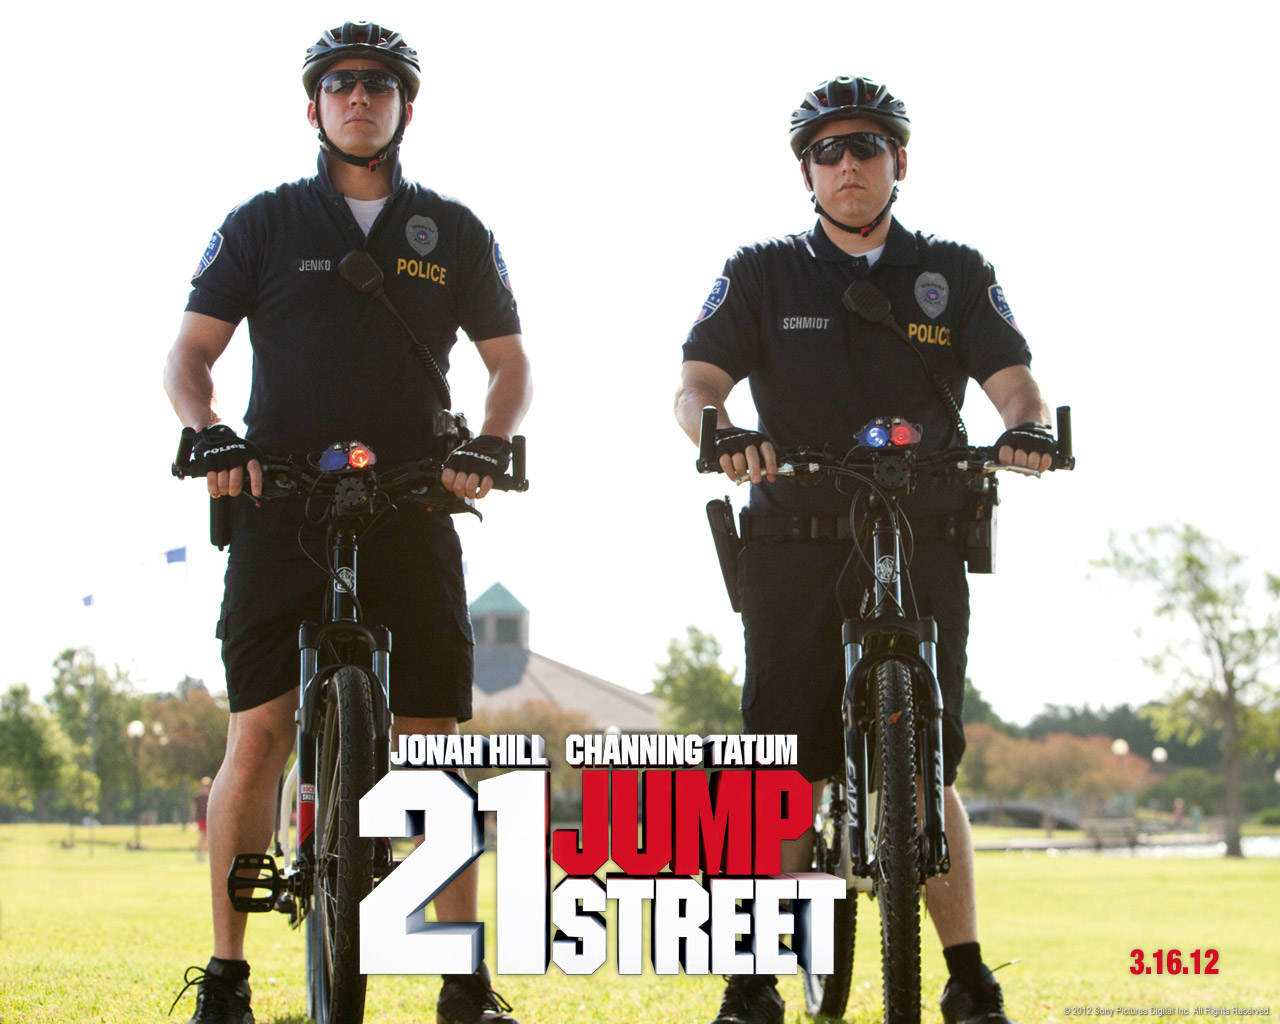 http://4.bp.blogspot.com/-8xqtUzIaZ_I/T5MJHYLuabI/AAAAAAAAGvc/rHMW6MUiJuY/s1600/21Jump_Channing+Tatum+Scandal+_JHill.jpg